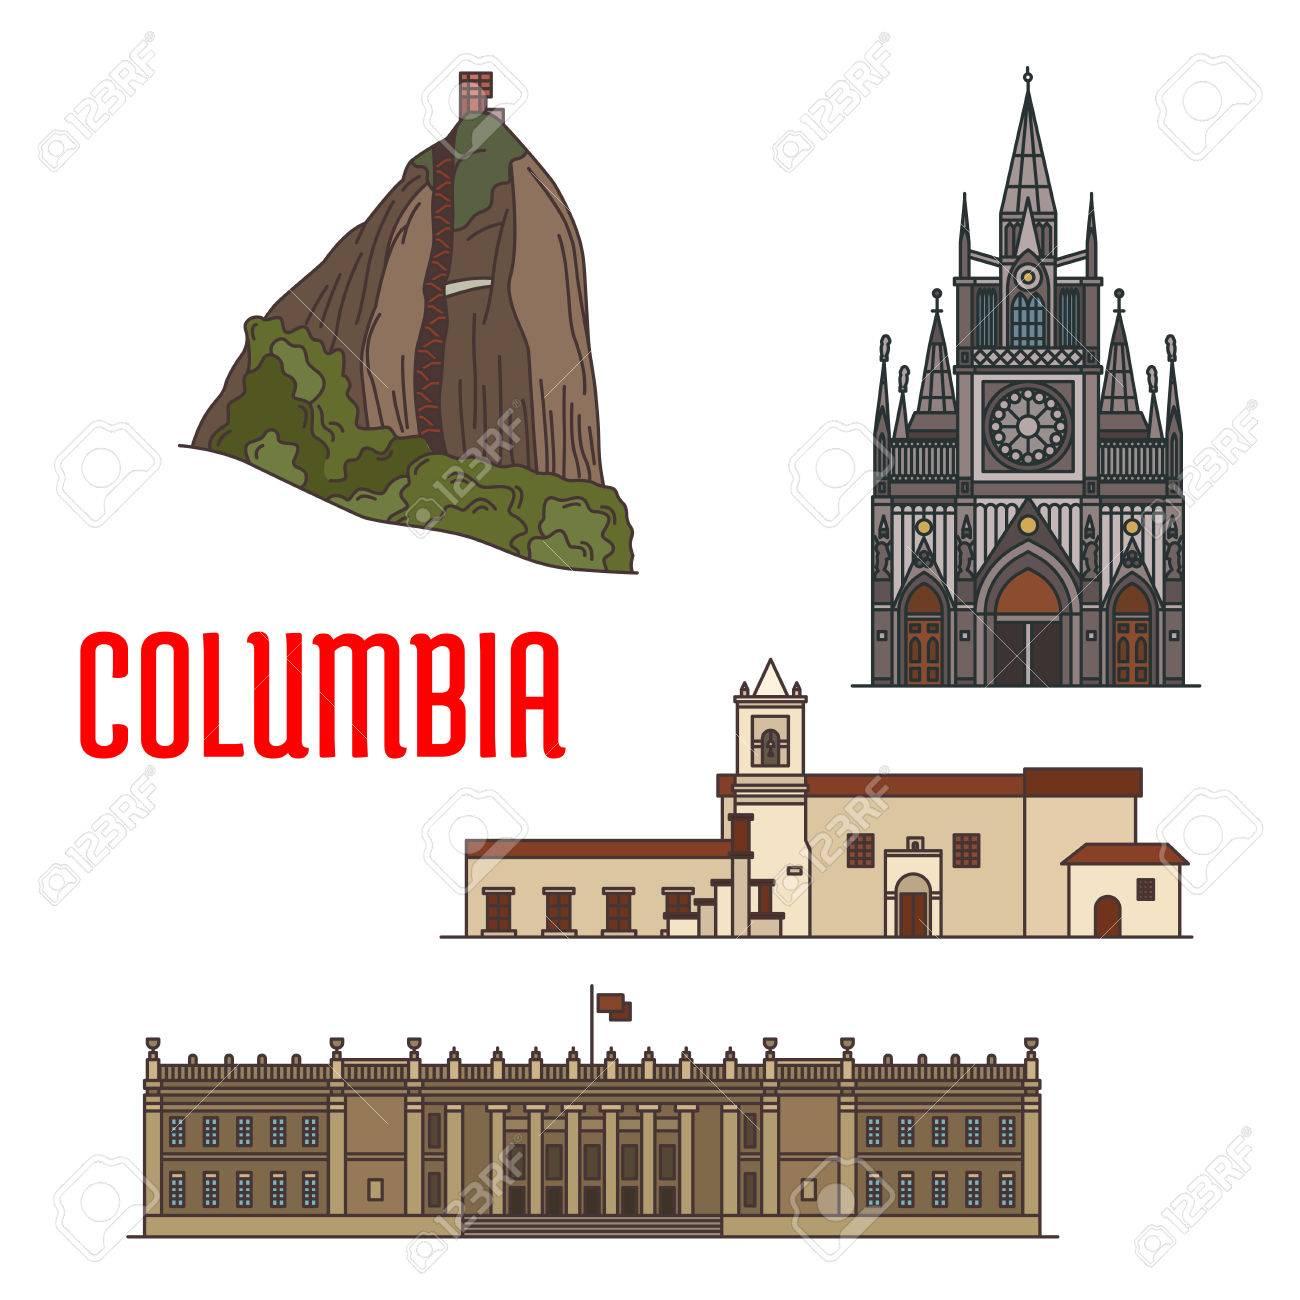 Arquitectura Atracciones Turísticas De Colombia Piedra Del Peñol Roca Iglesia De La Iglesia De La Merced Santuario De Las Lajas Capitol Colombia